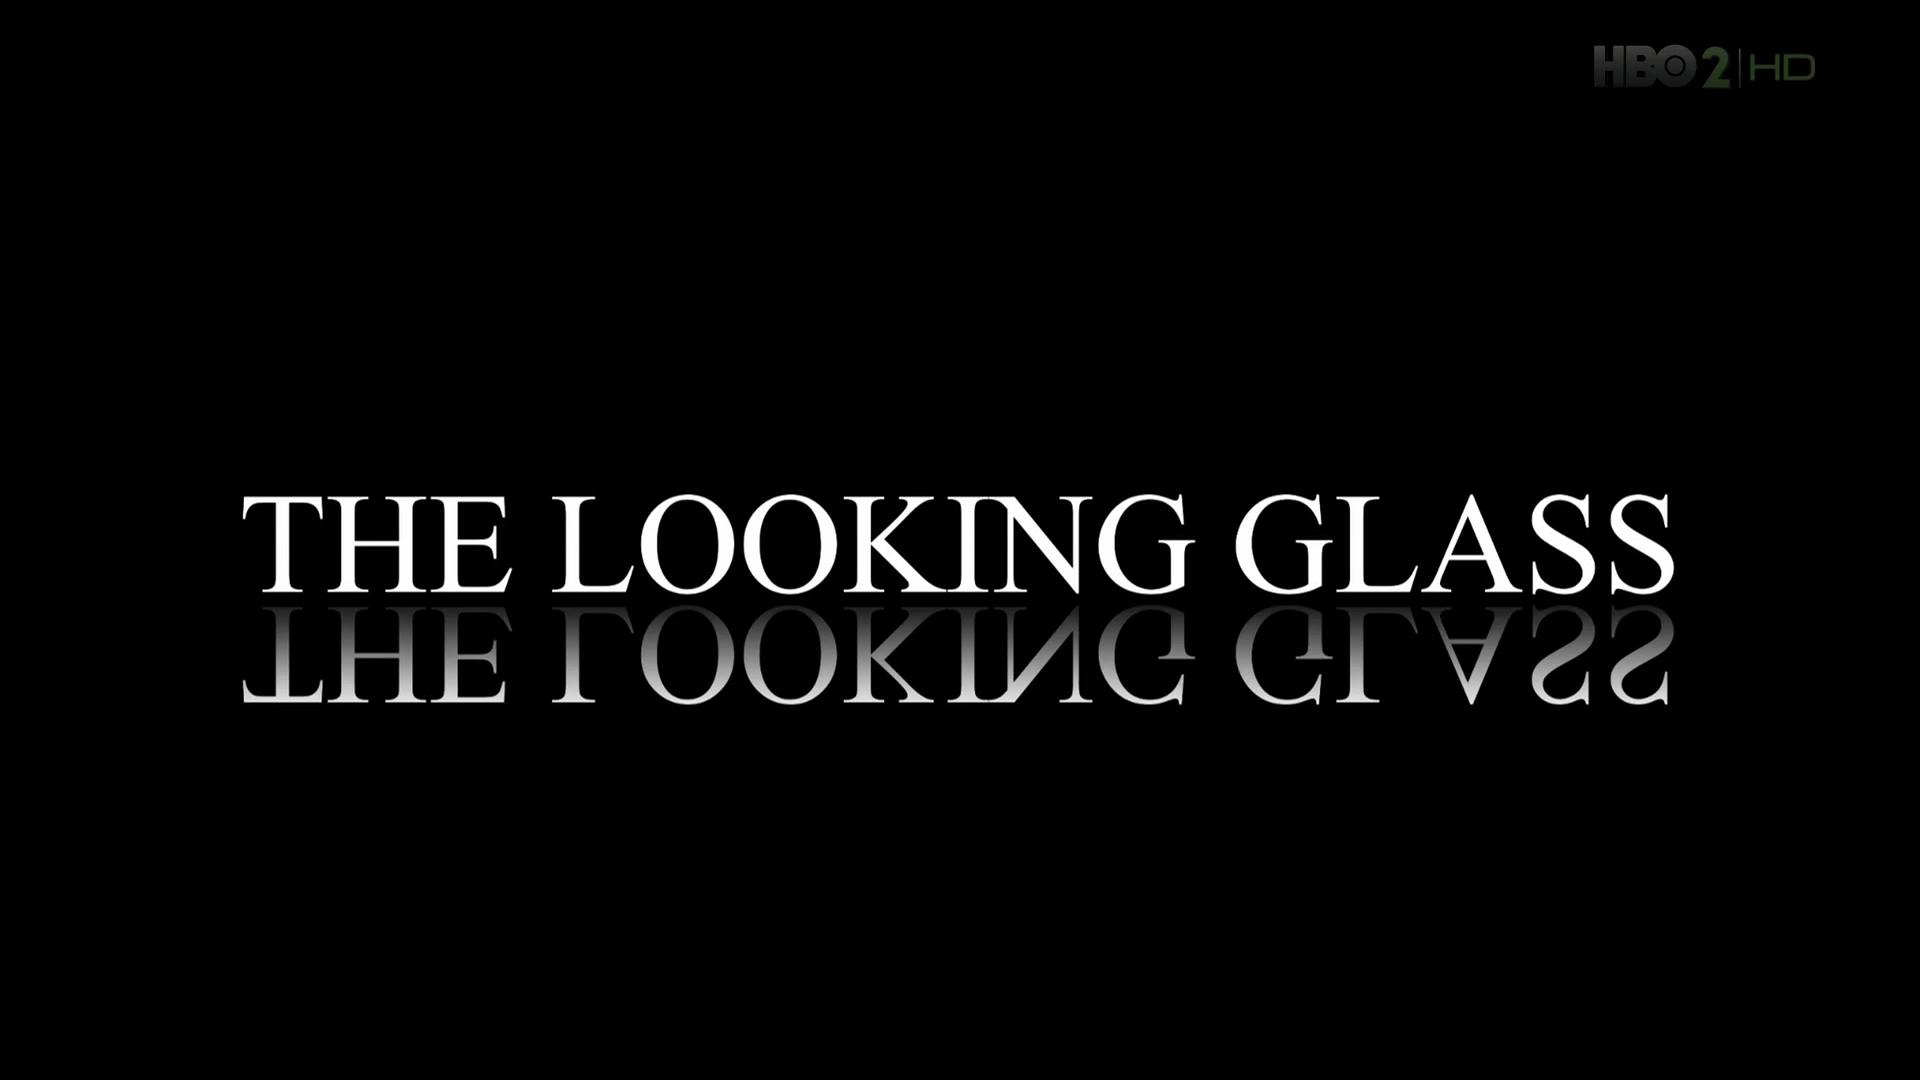 thelookingglass2015103dp3j.jpg